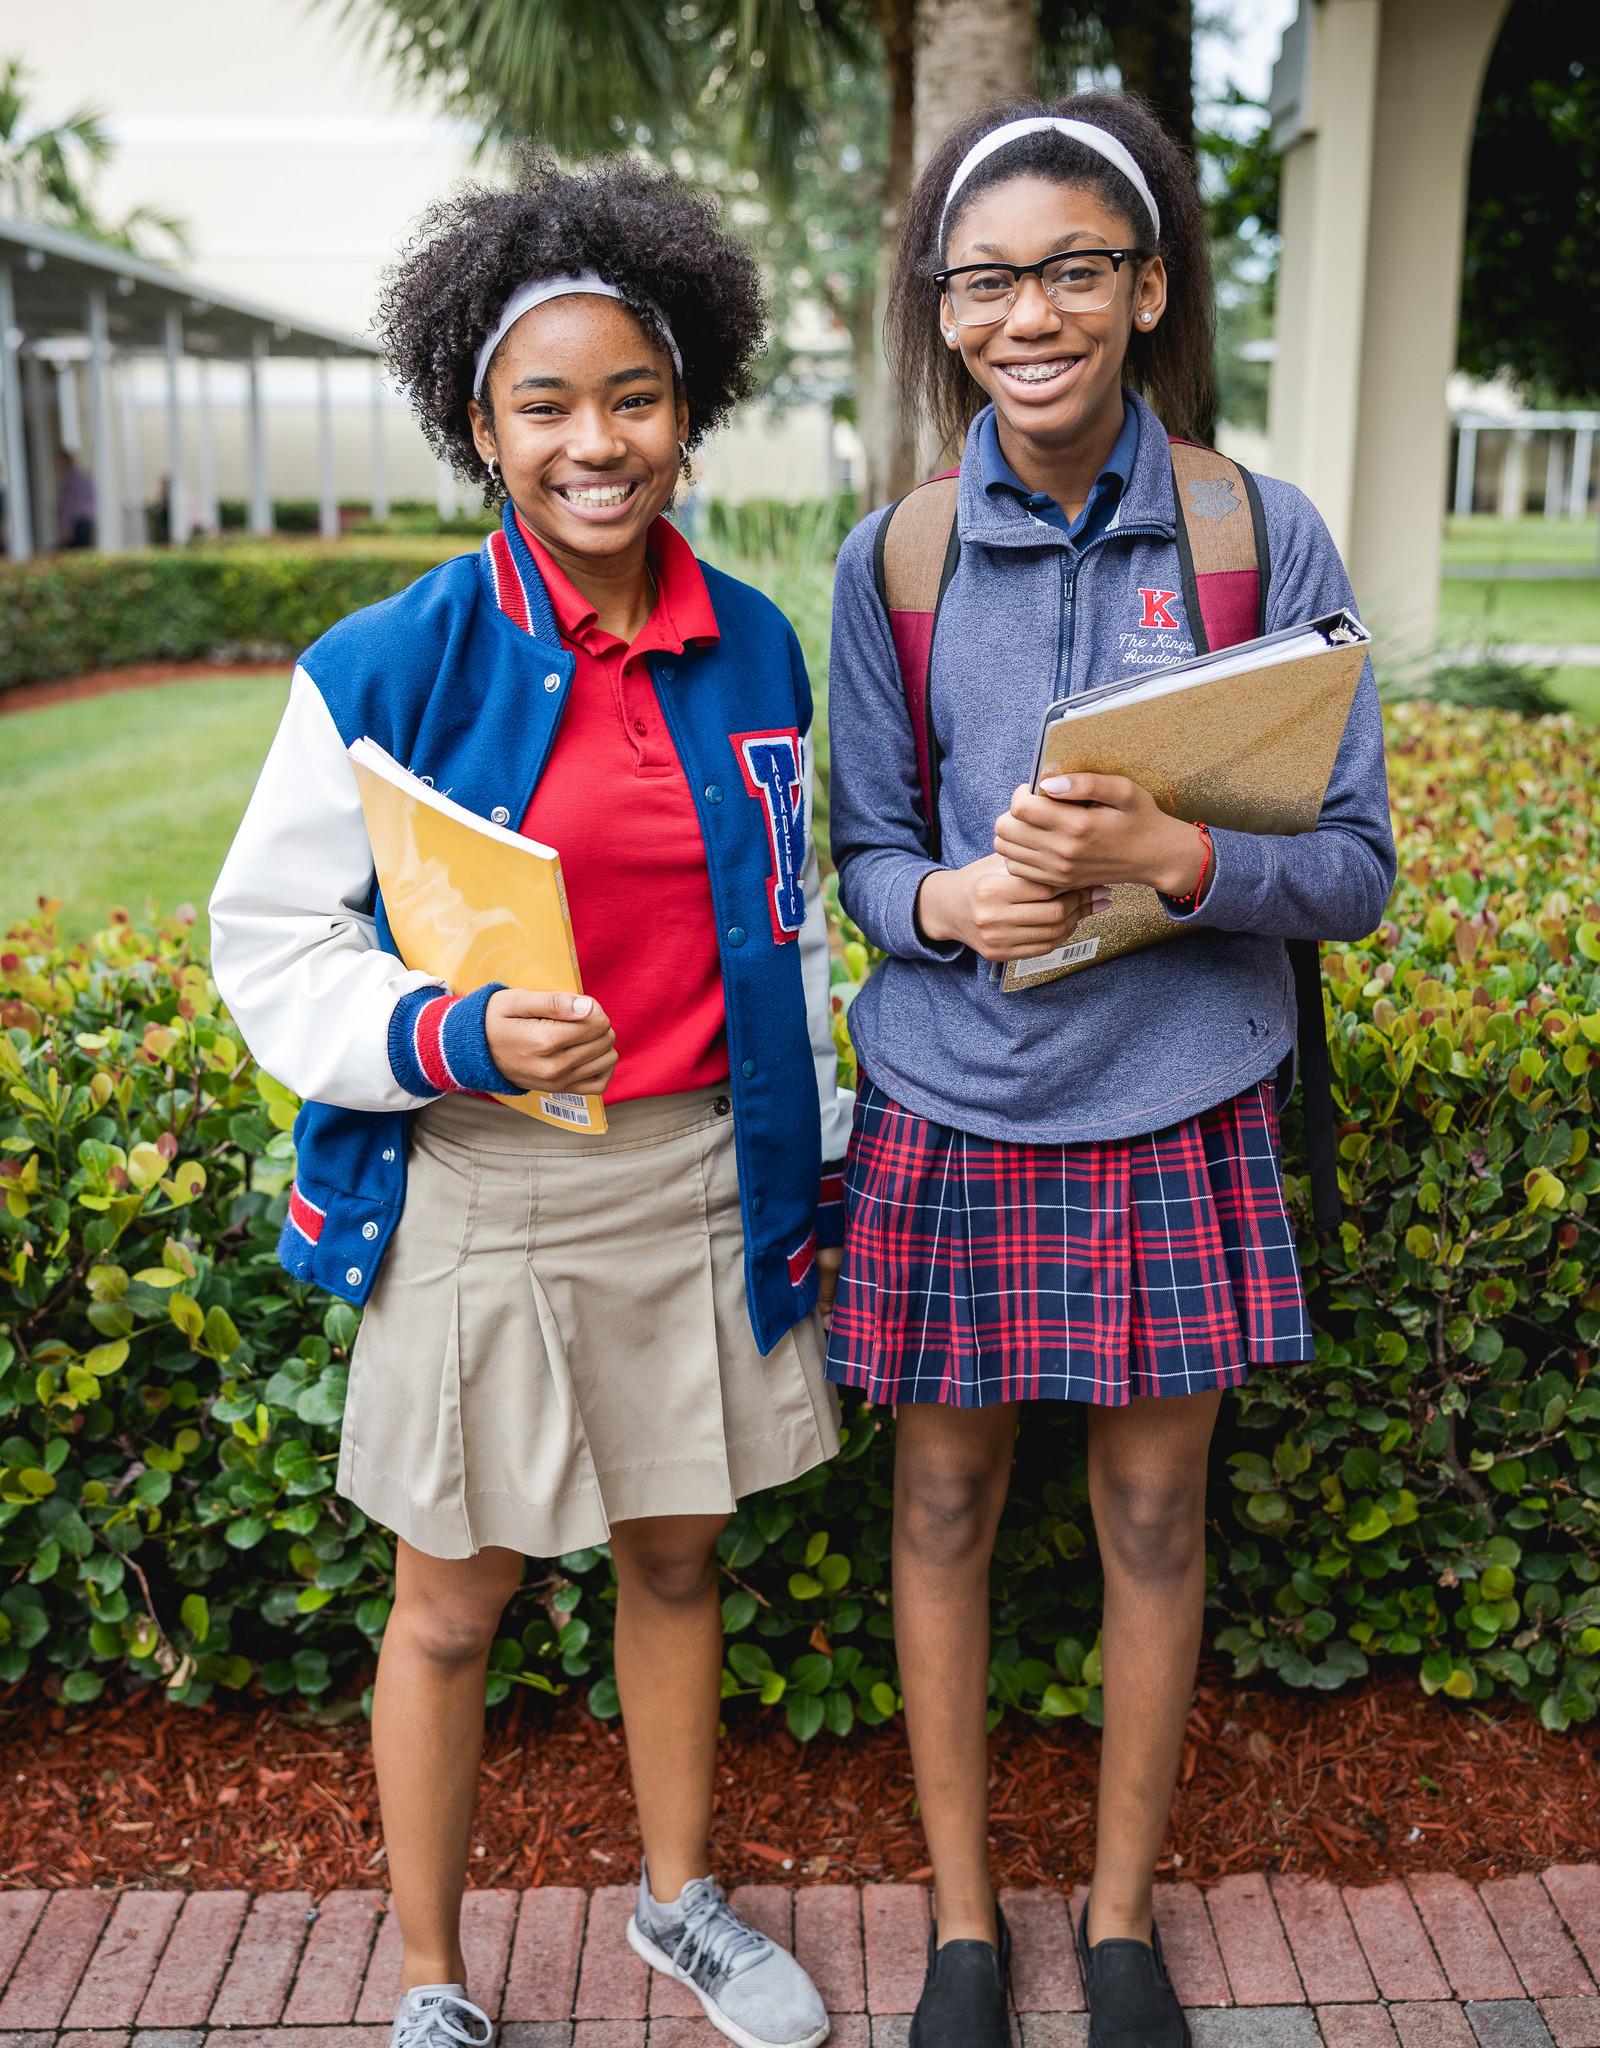 Elderwear High School Skort - Navy or Khaki